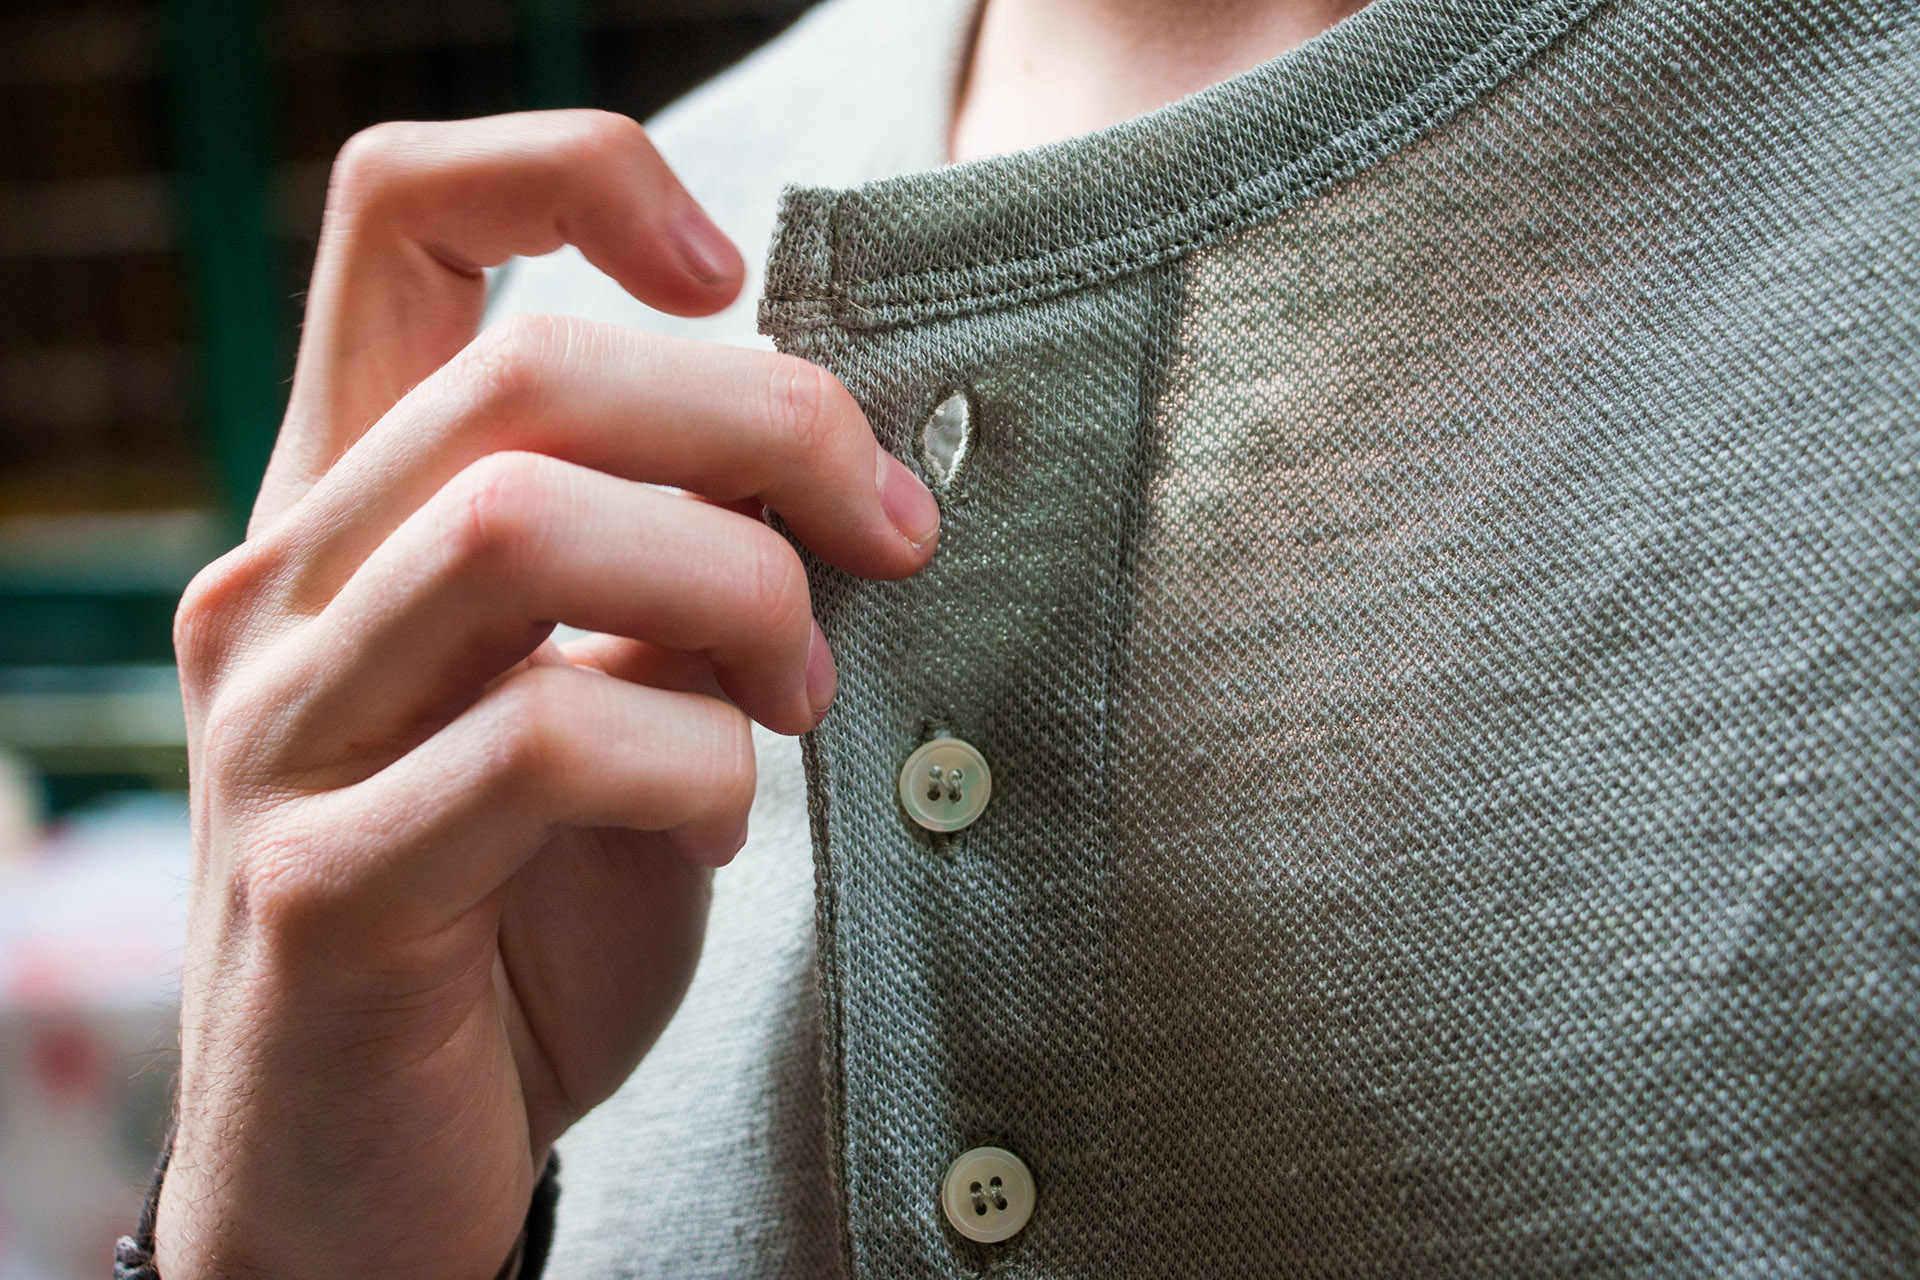 Notre Polo Zorrie en 100% lin, compostable car il n'a aucune fibre artificiel incorporé.